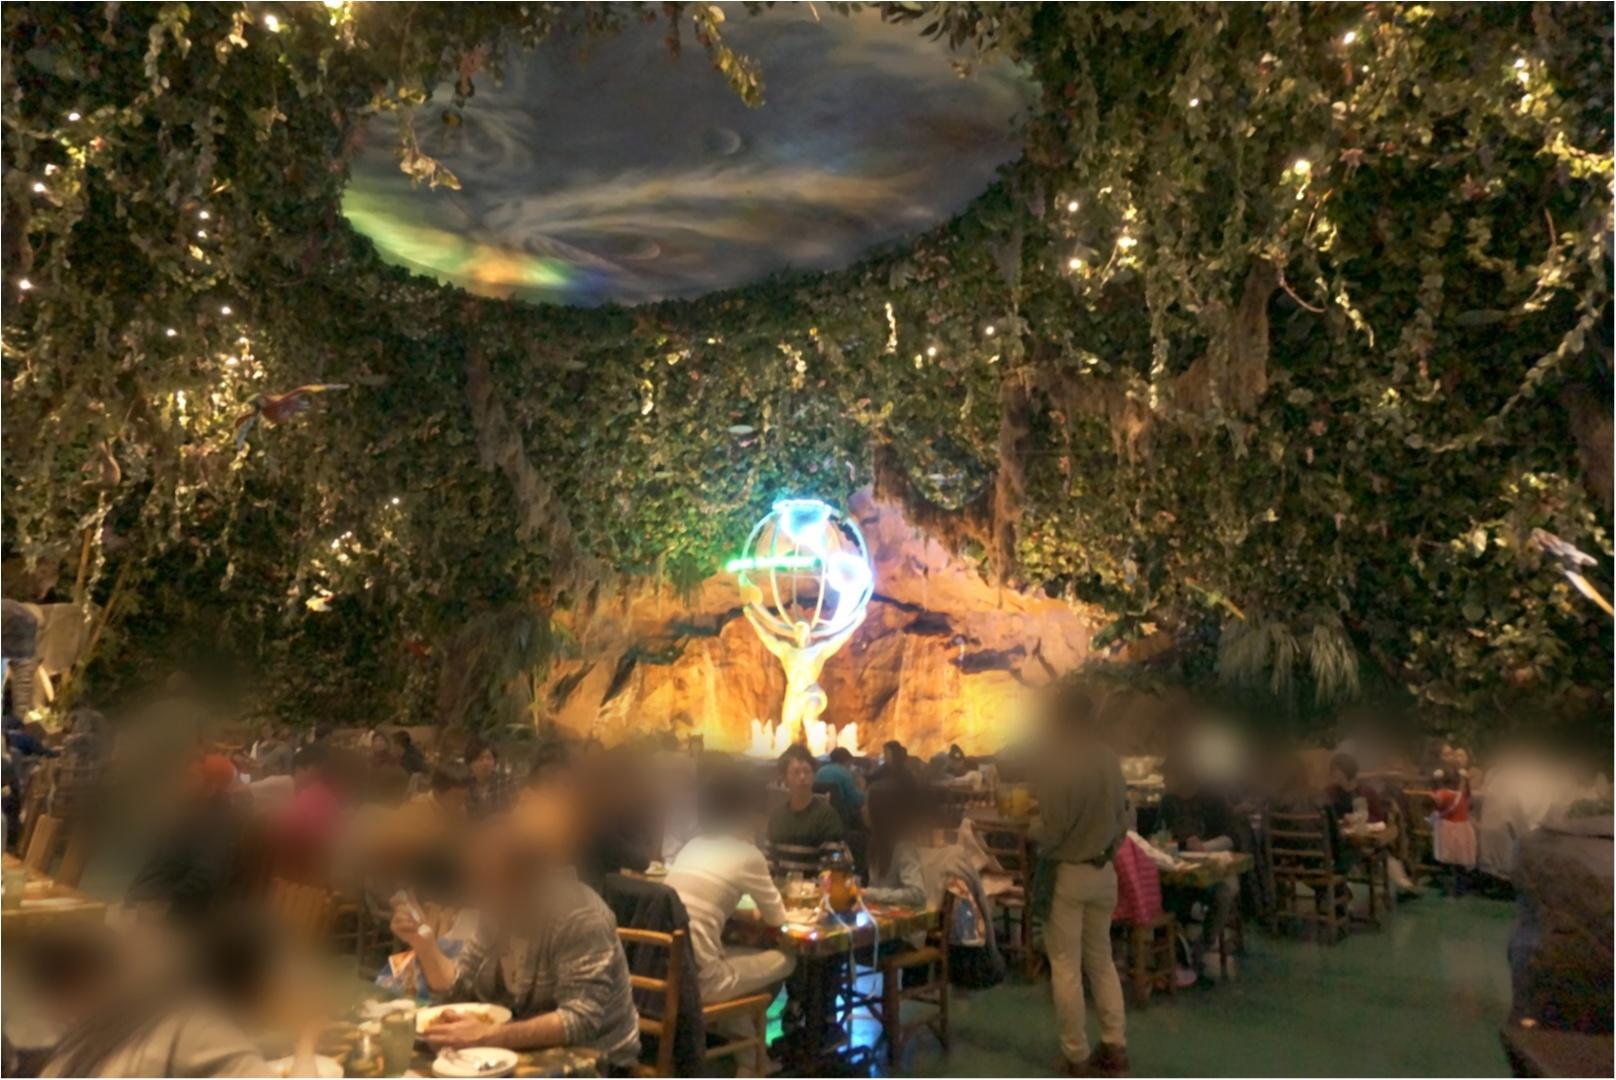 """まるで """" ジャングル """" みたい‼︎熱帯雨林と野生動物の保護をテーマにしたレストランが凄い✨ここでサプライズバースデーはいかが(*´∀`*)?_3"""